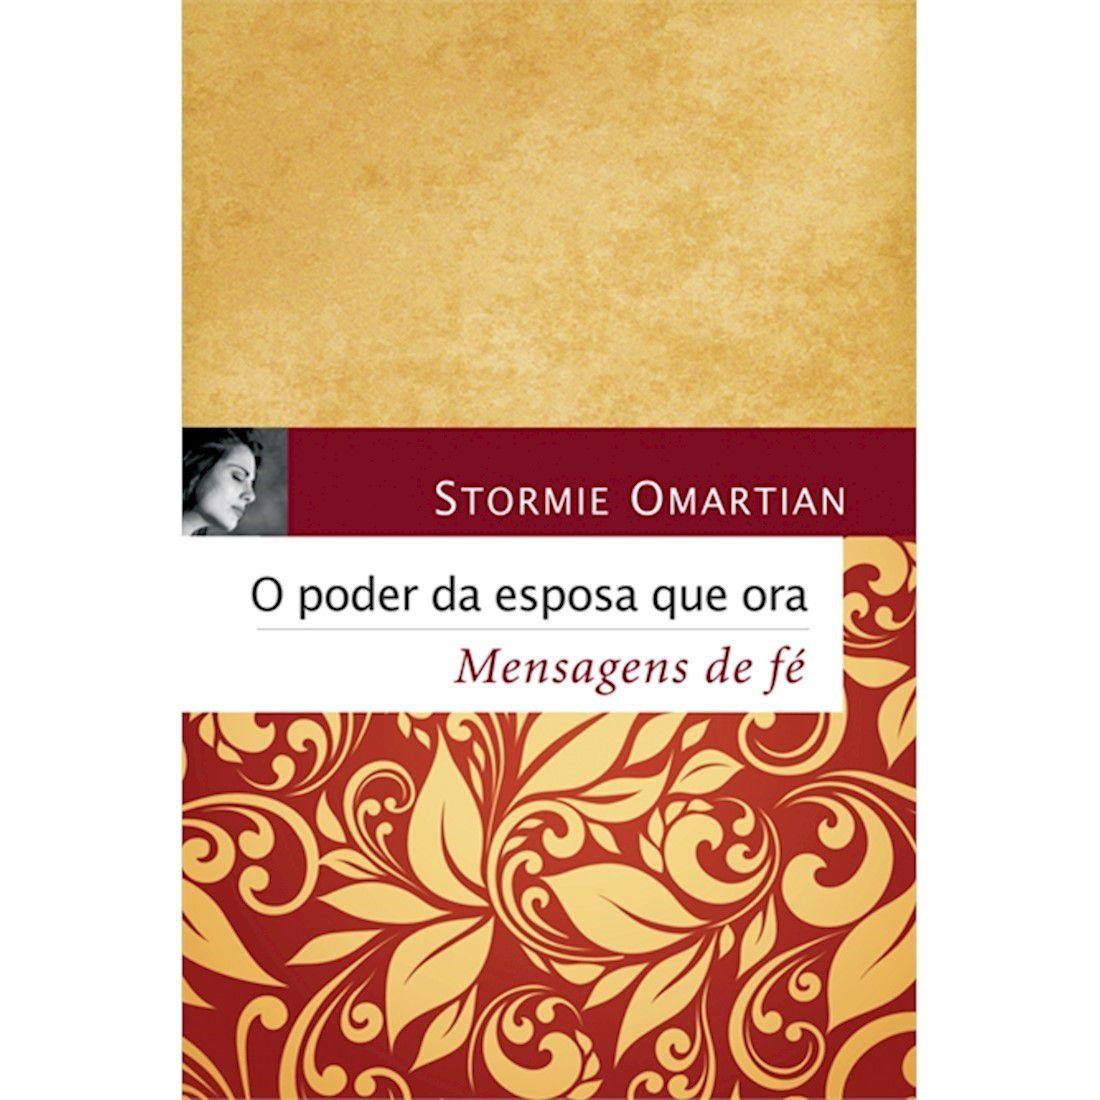 Livro O Poder da Esposa Que Ora - Mensagens de Fé - Produto Reembalado